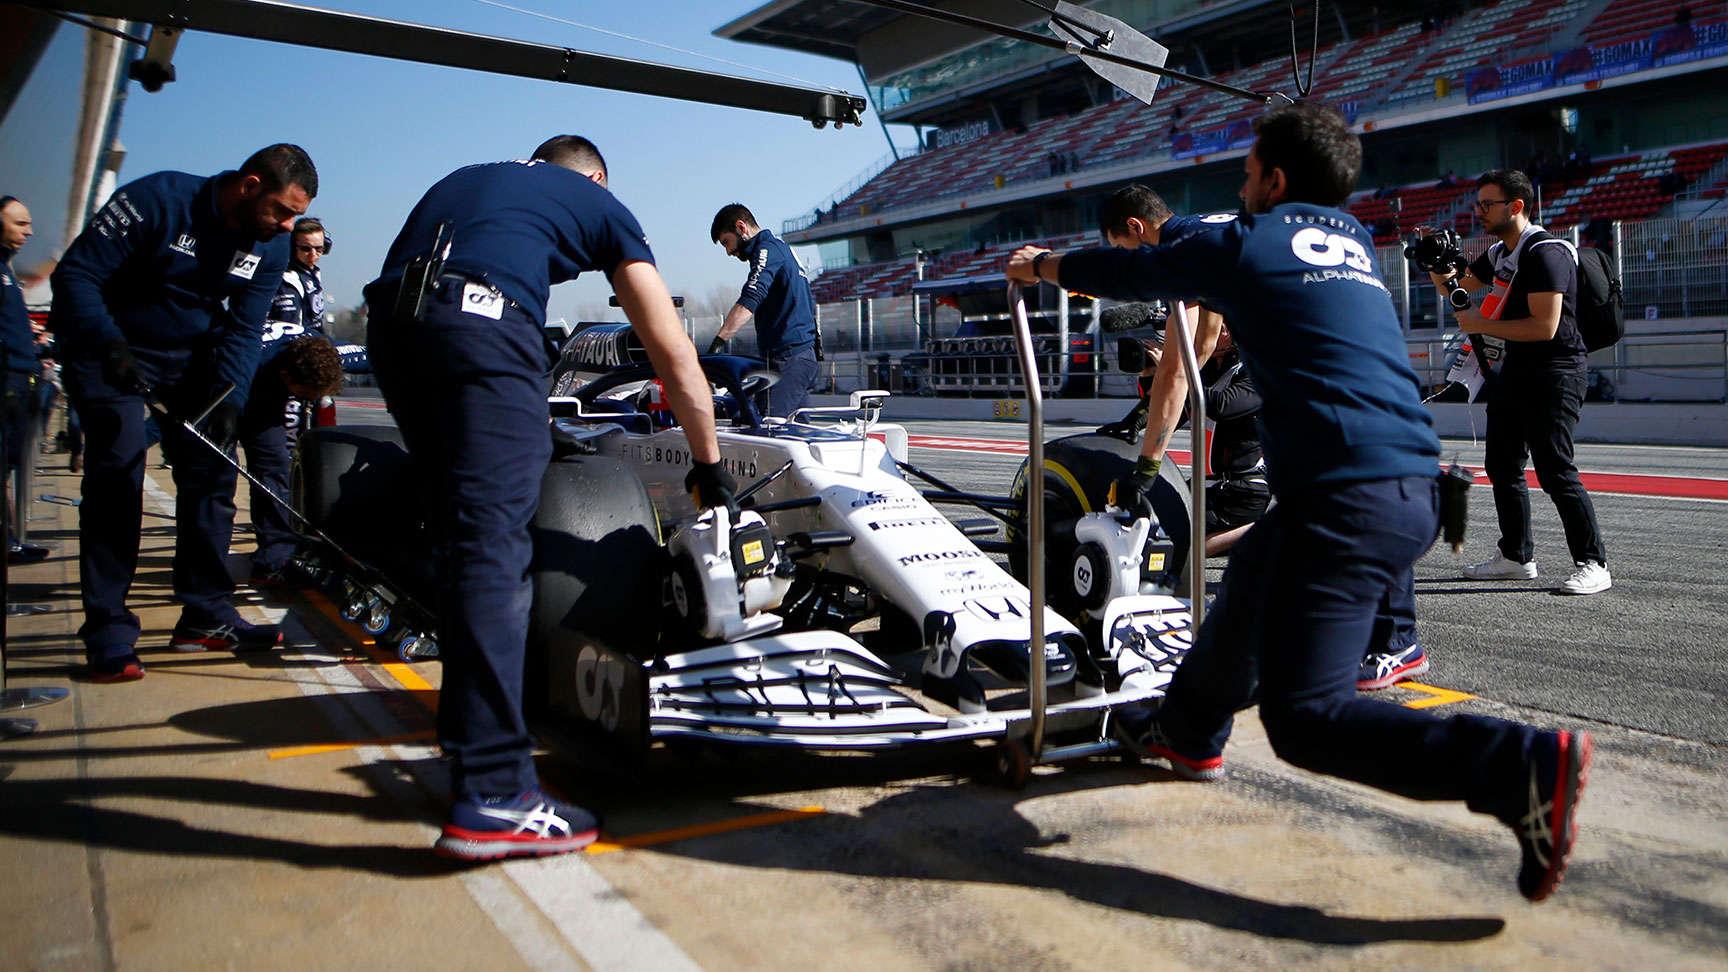 Pretekárske vozidlo s tímom Scuderia Toro Rosso.